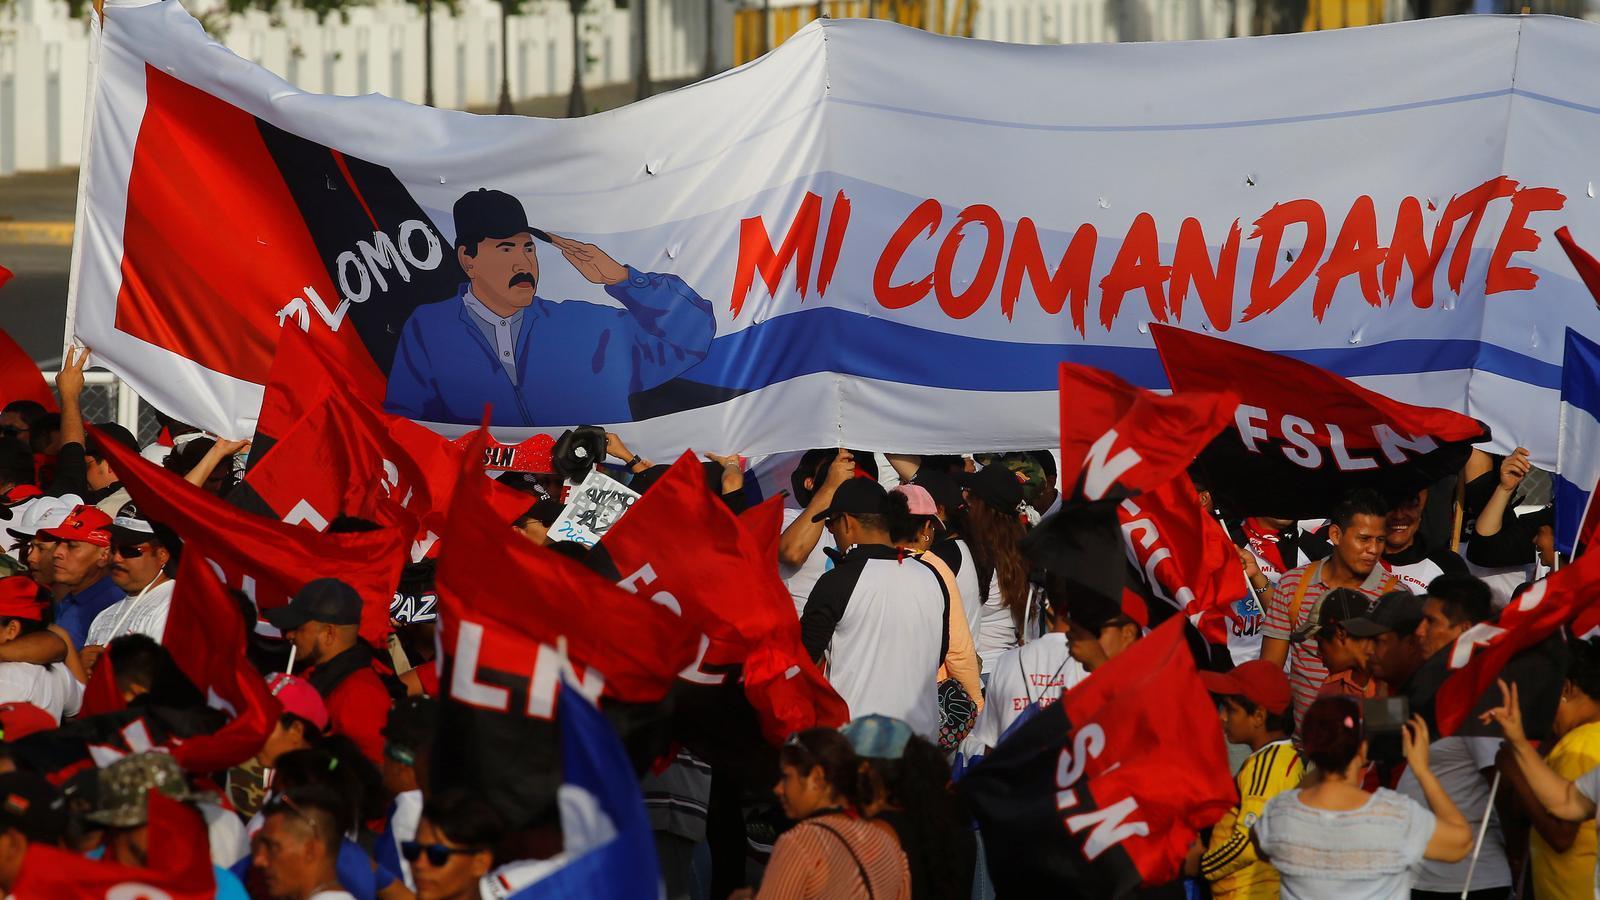 Simpatitzants d'Ortega celebrant el 39 aniversari de la Revolució Sandinista en un míting a Managua